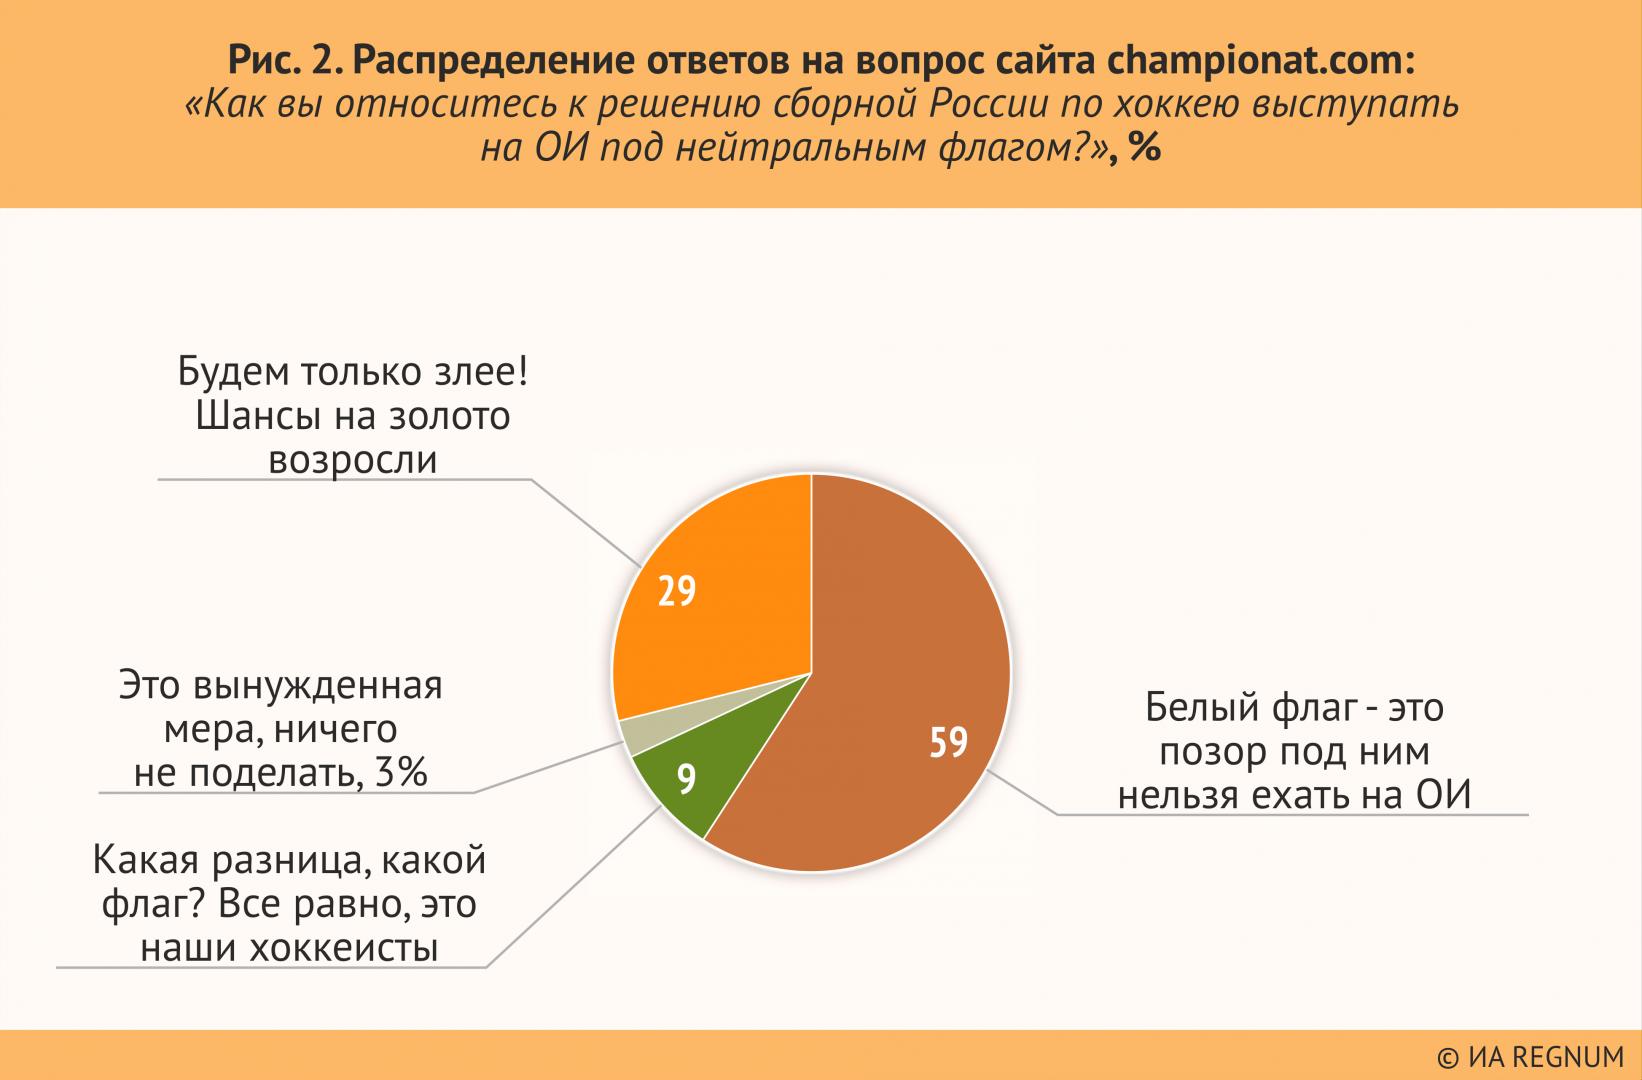 Рисунок 2. Распределение ответов на вопрос сайта championat.com: «Как вы относитесь к решению сборной России по хоккею выступать на ОИ под нейтральным флагом?», %